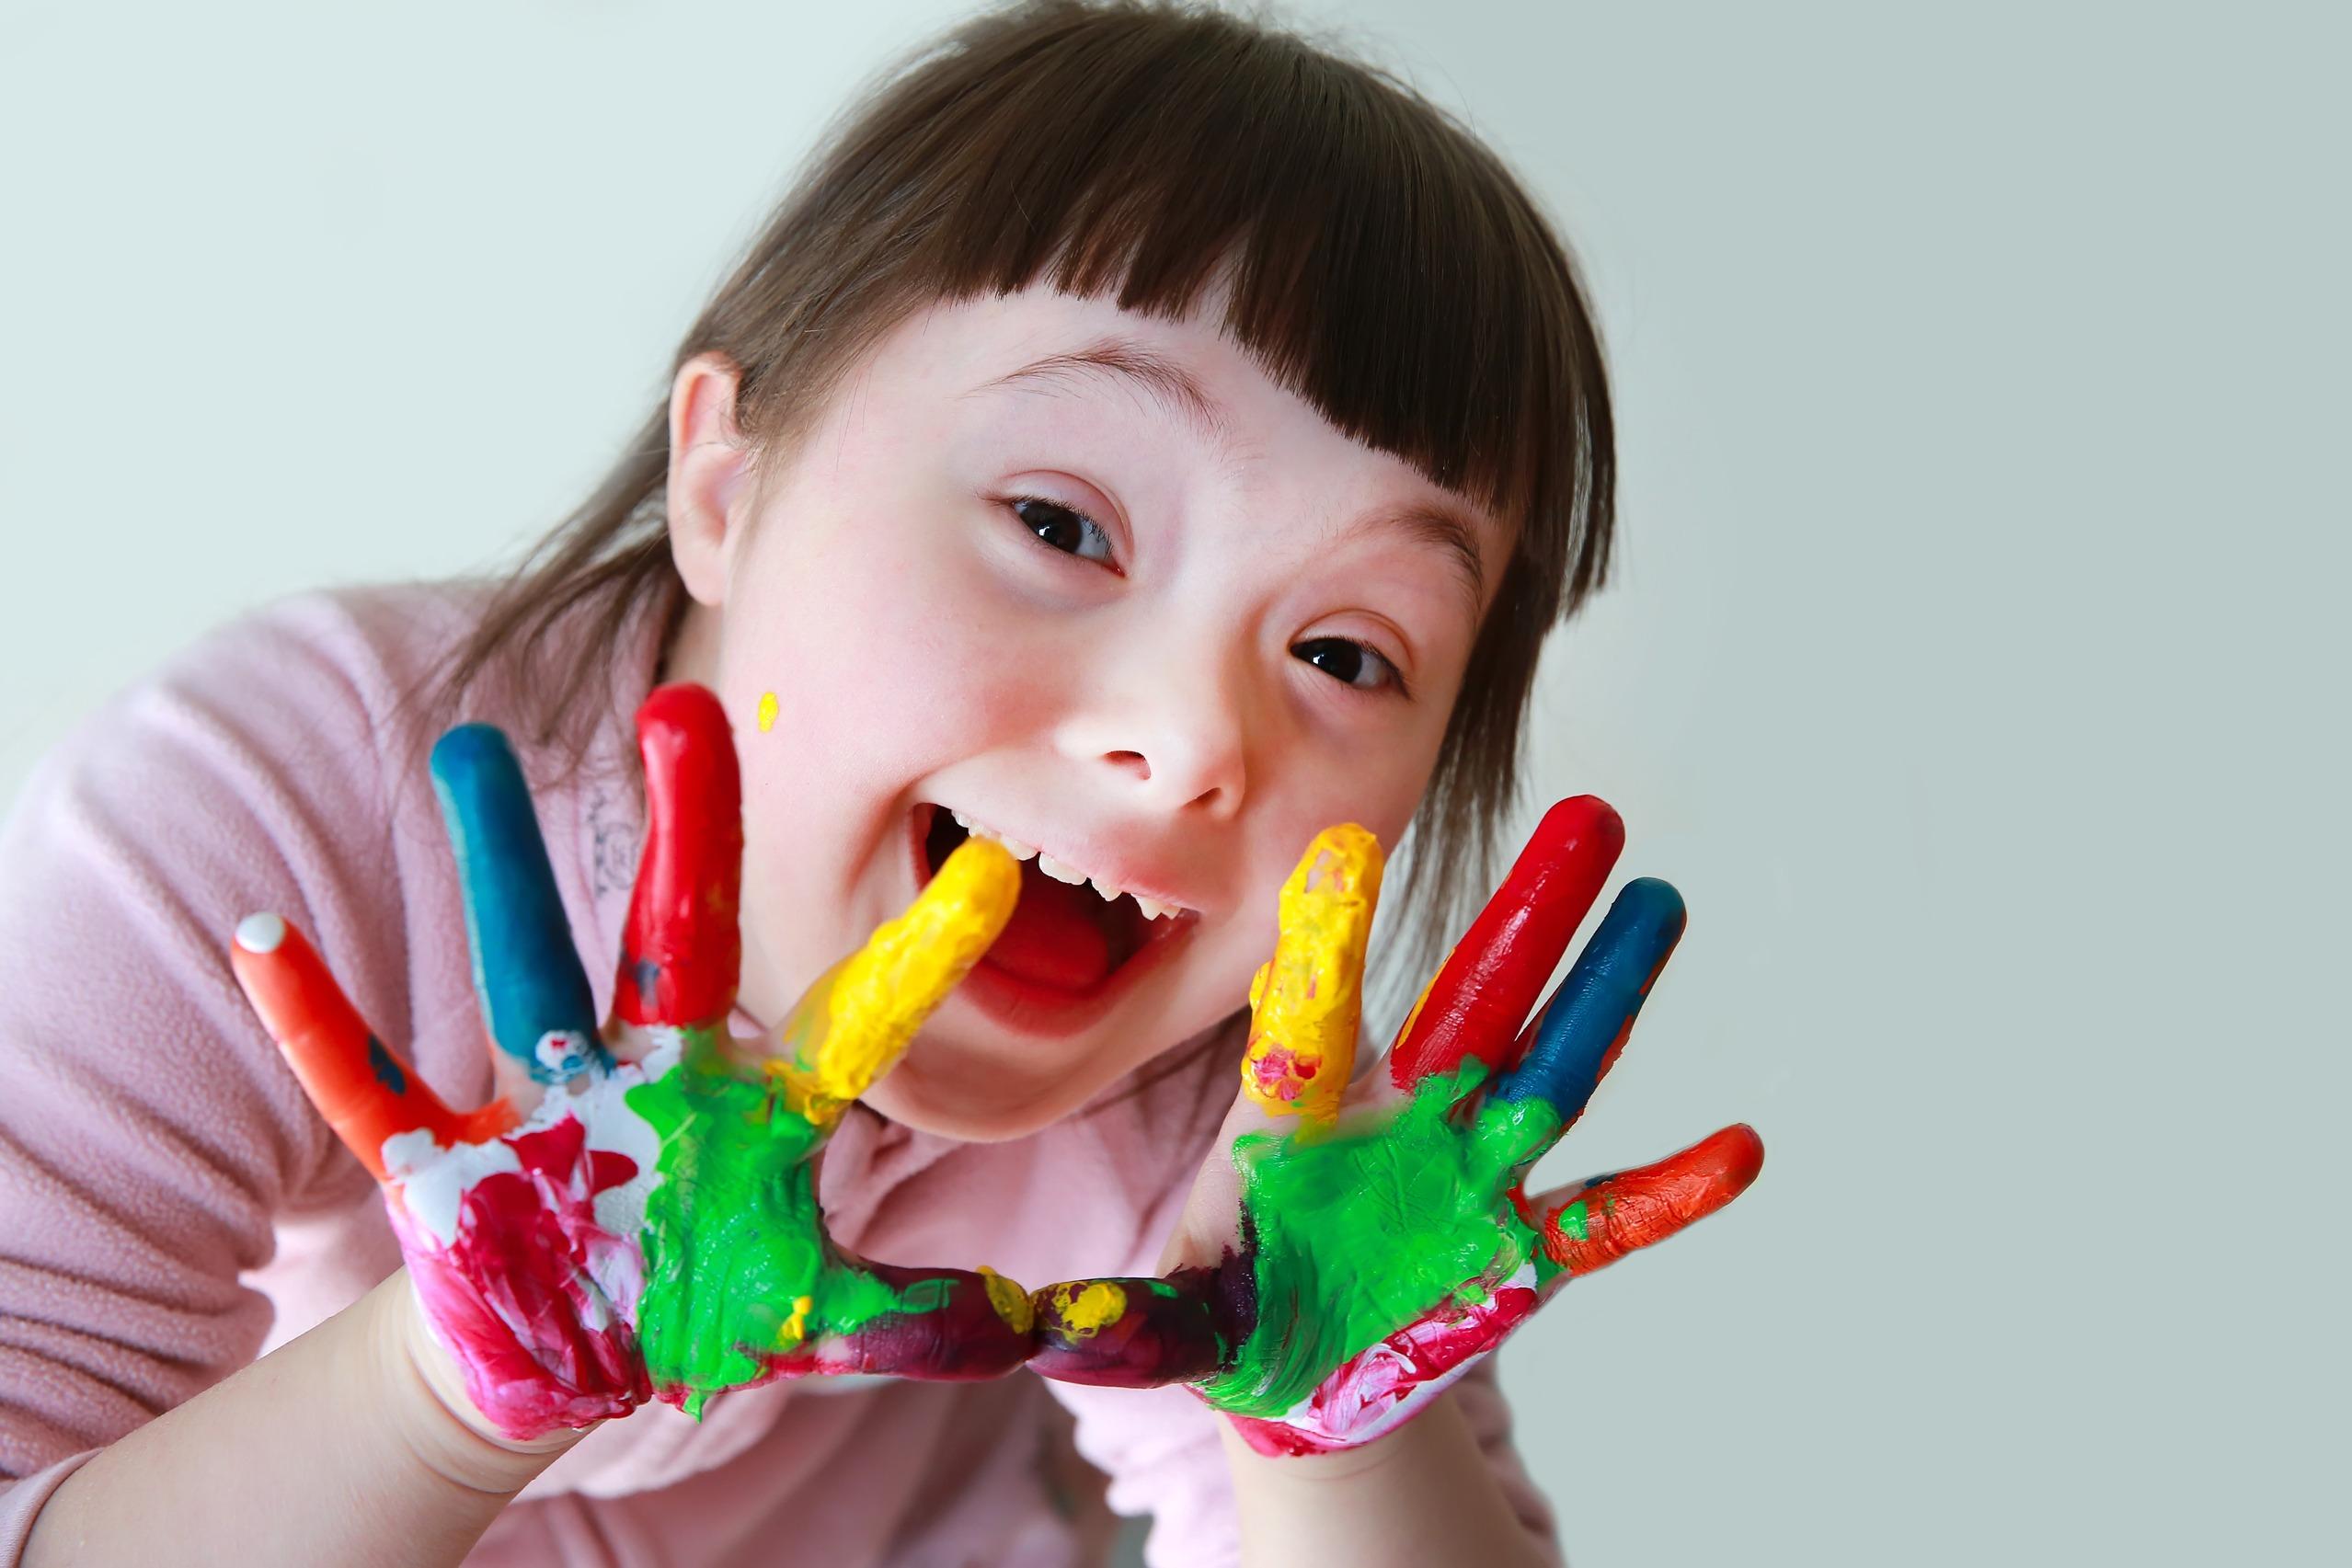 crianca com sindrome de down com os dedos sujos de tinta